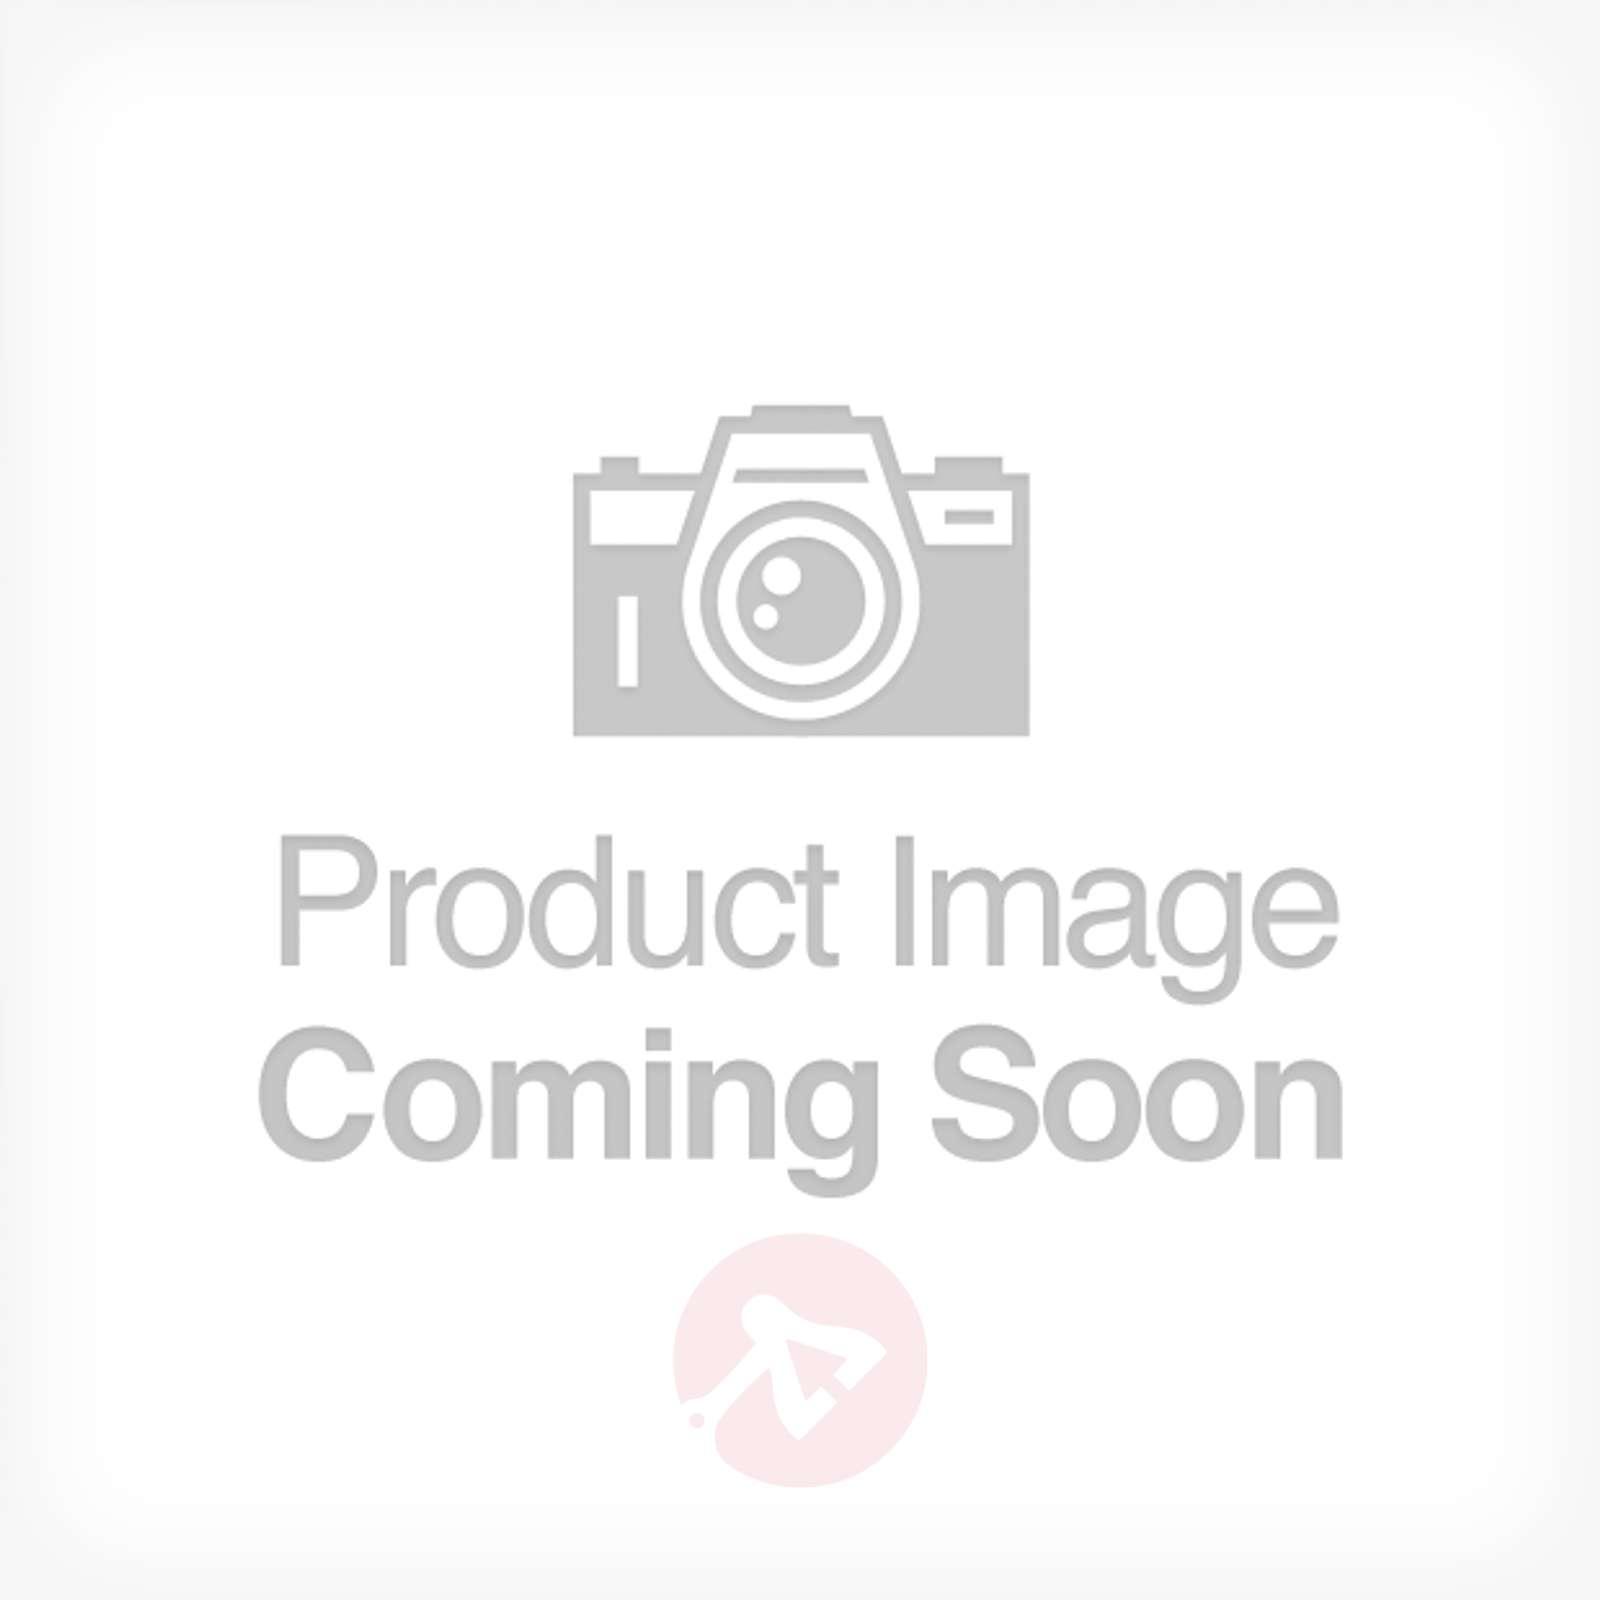 Valikoitu seinävalaisin MASHIKO-1020048X-05